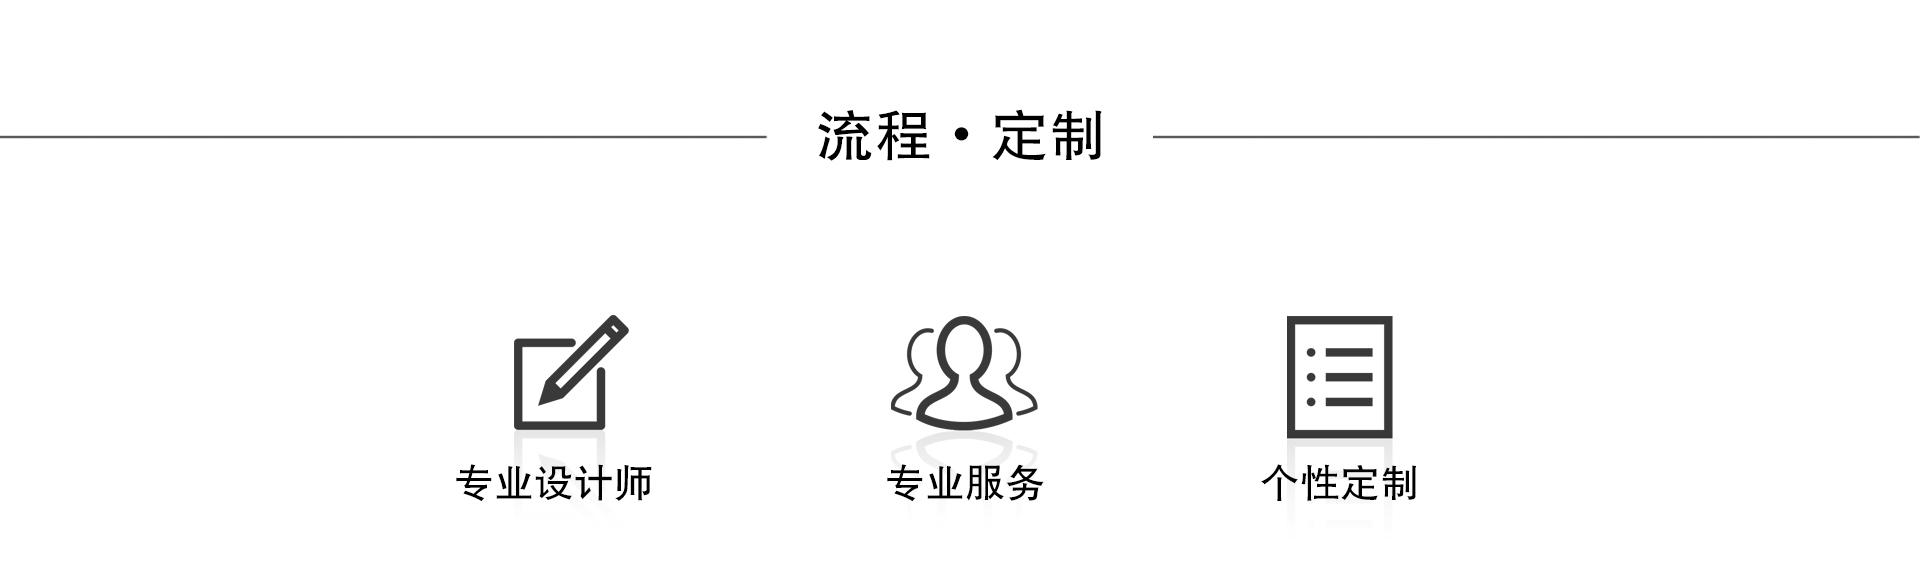 洁净室_医院净化工程_无尘车间_广州市易众铝业有限公司